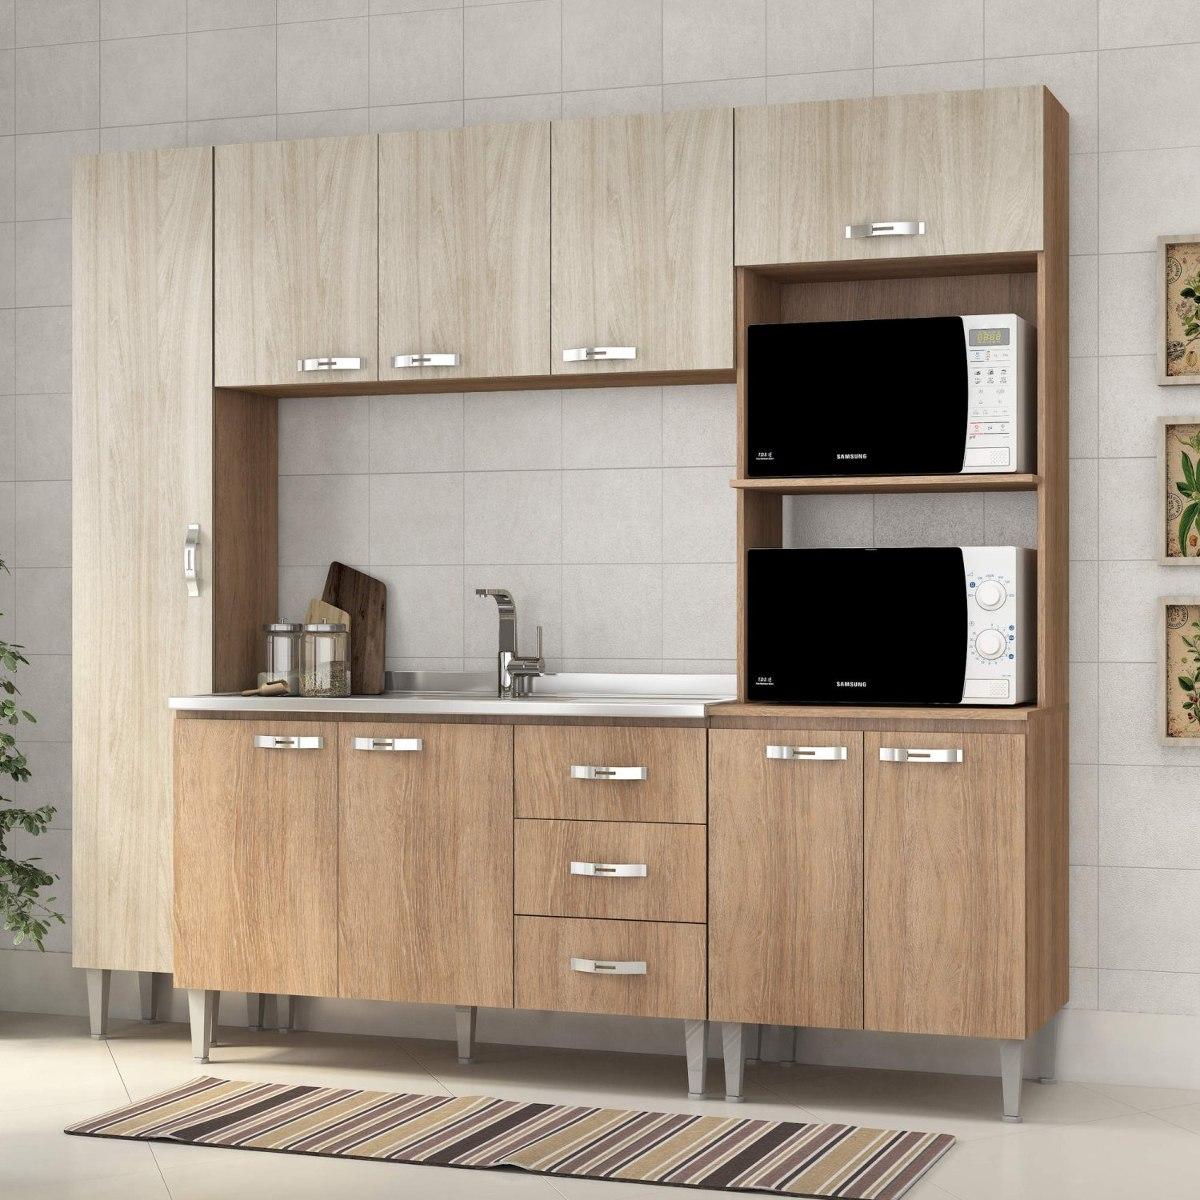 Cozinha Completa Com Balc O Sem Pia 4 Pe As 9 Portas Hhwt R 767